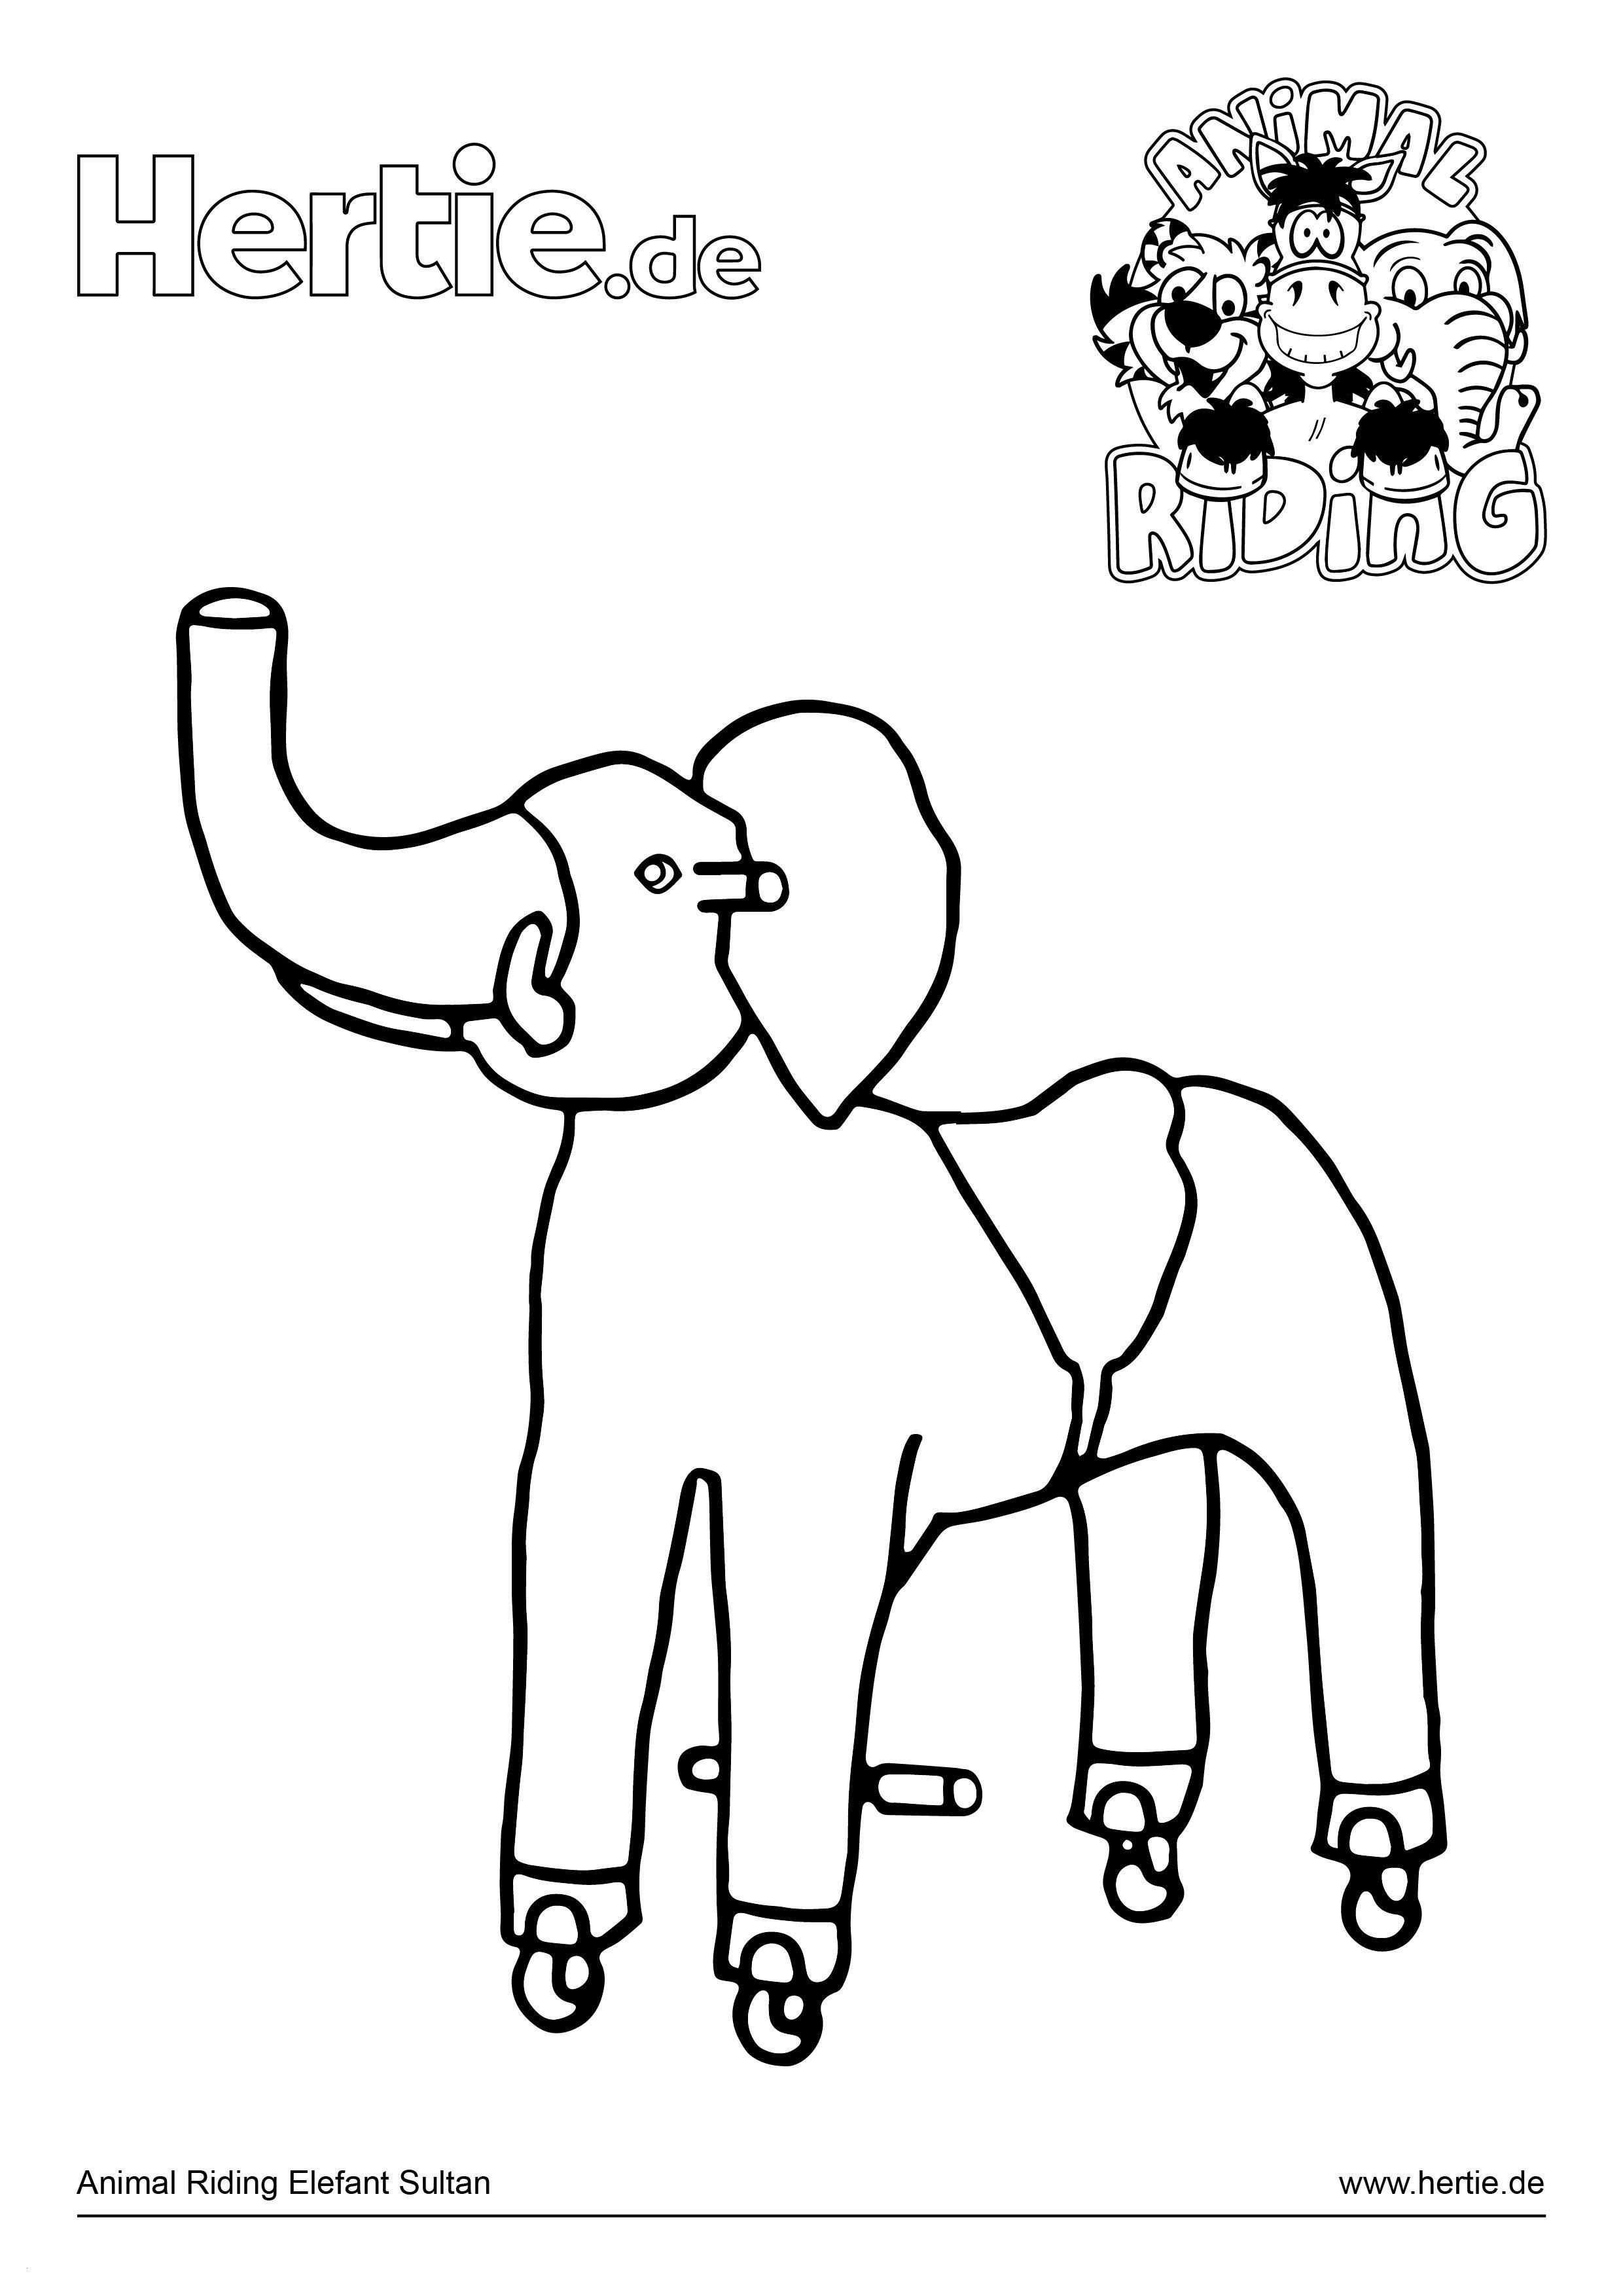 Elefant Zum Ausdrucken Einzigartig Elefanten Ausdrucke Genial 7 Best Animal Riding Ausmalbilder Das Bild